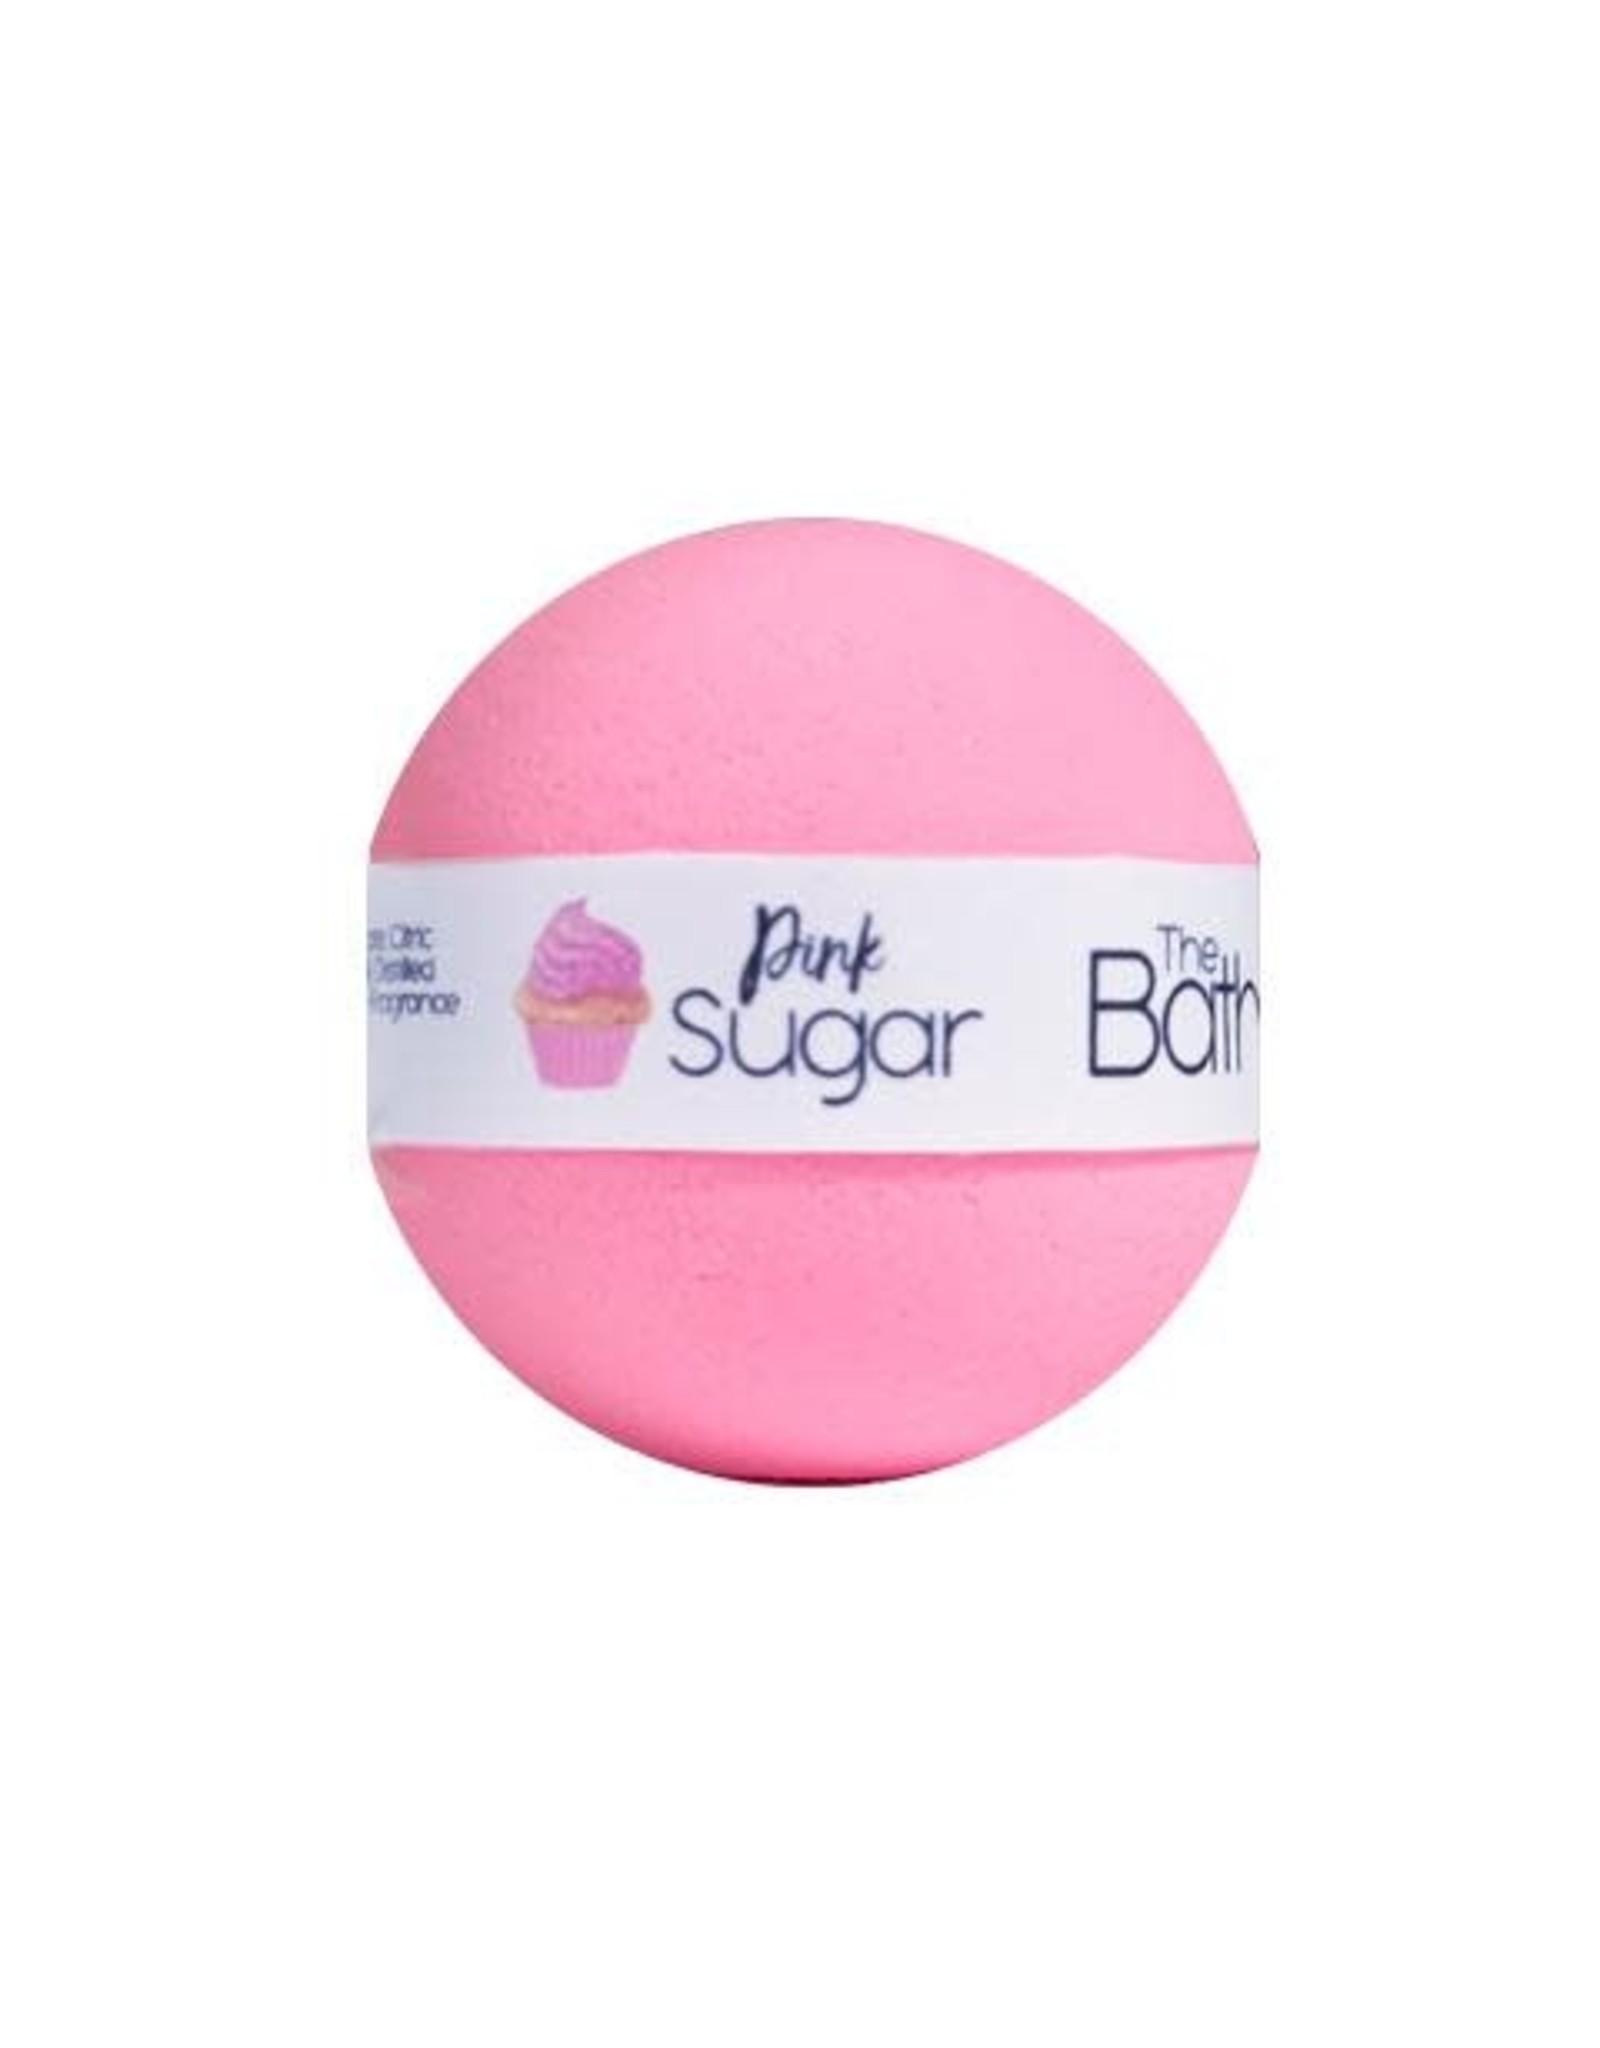 The Bath Bomb Co Bath Bomb Mini - Pink Sugar - 95g - Strawberry, Cotton Candy & Vanilla